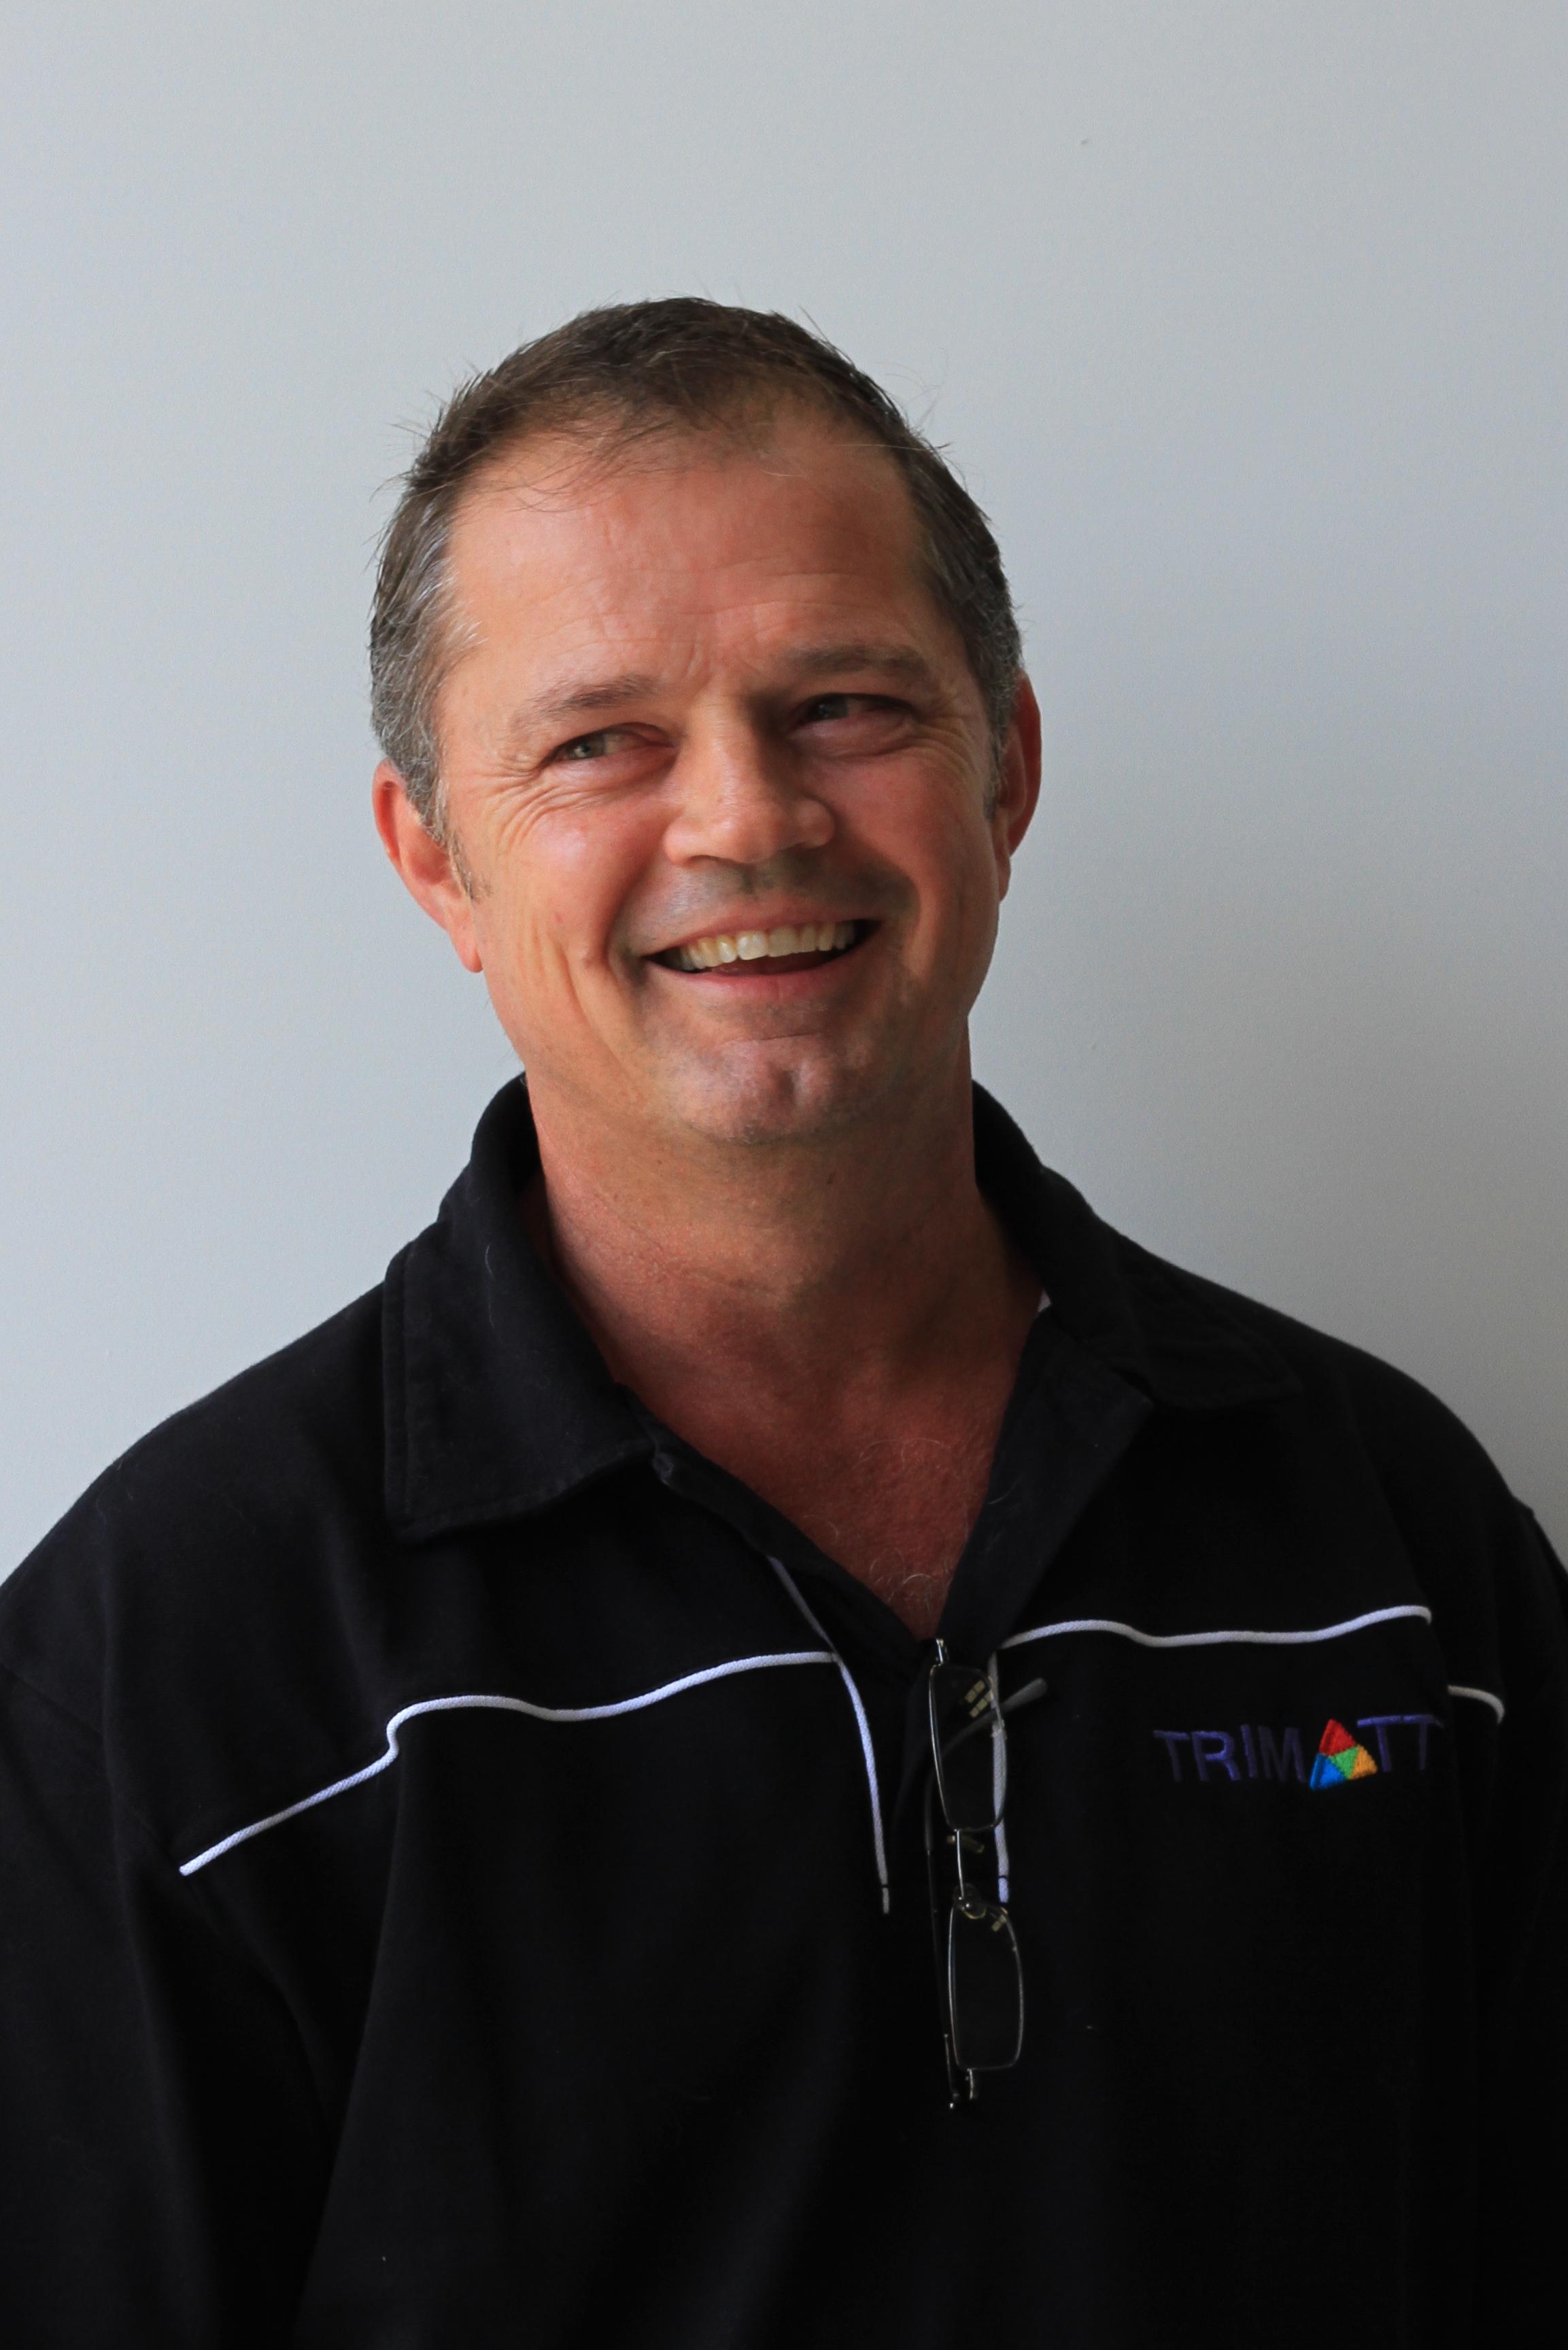 Matt - General Manager